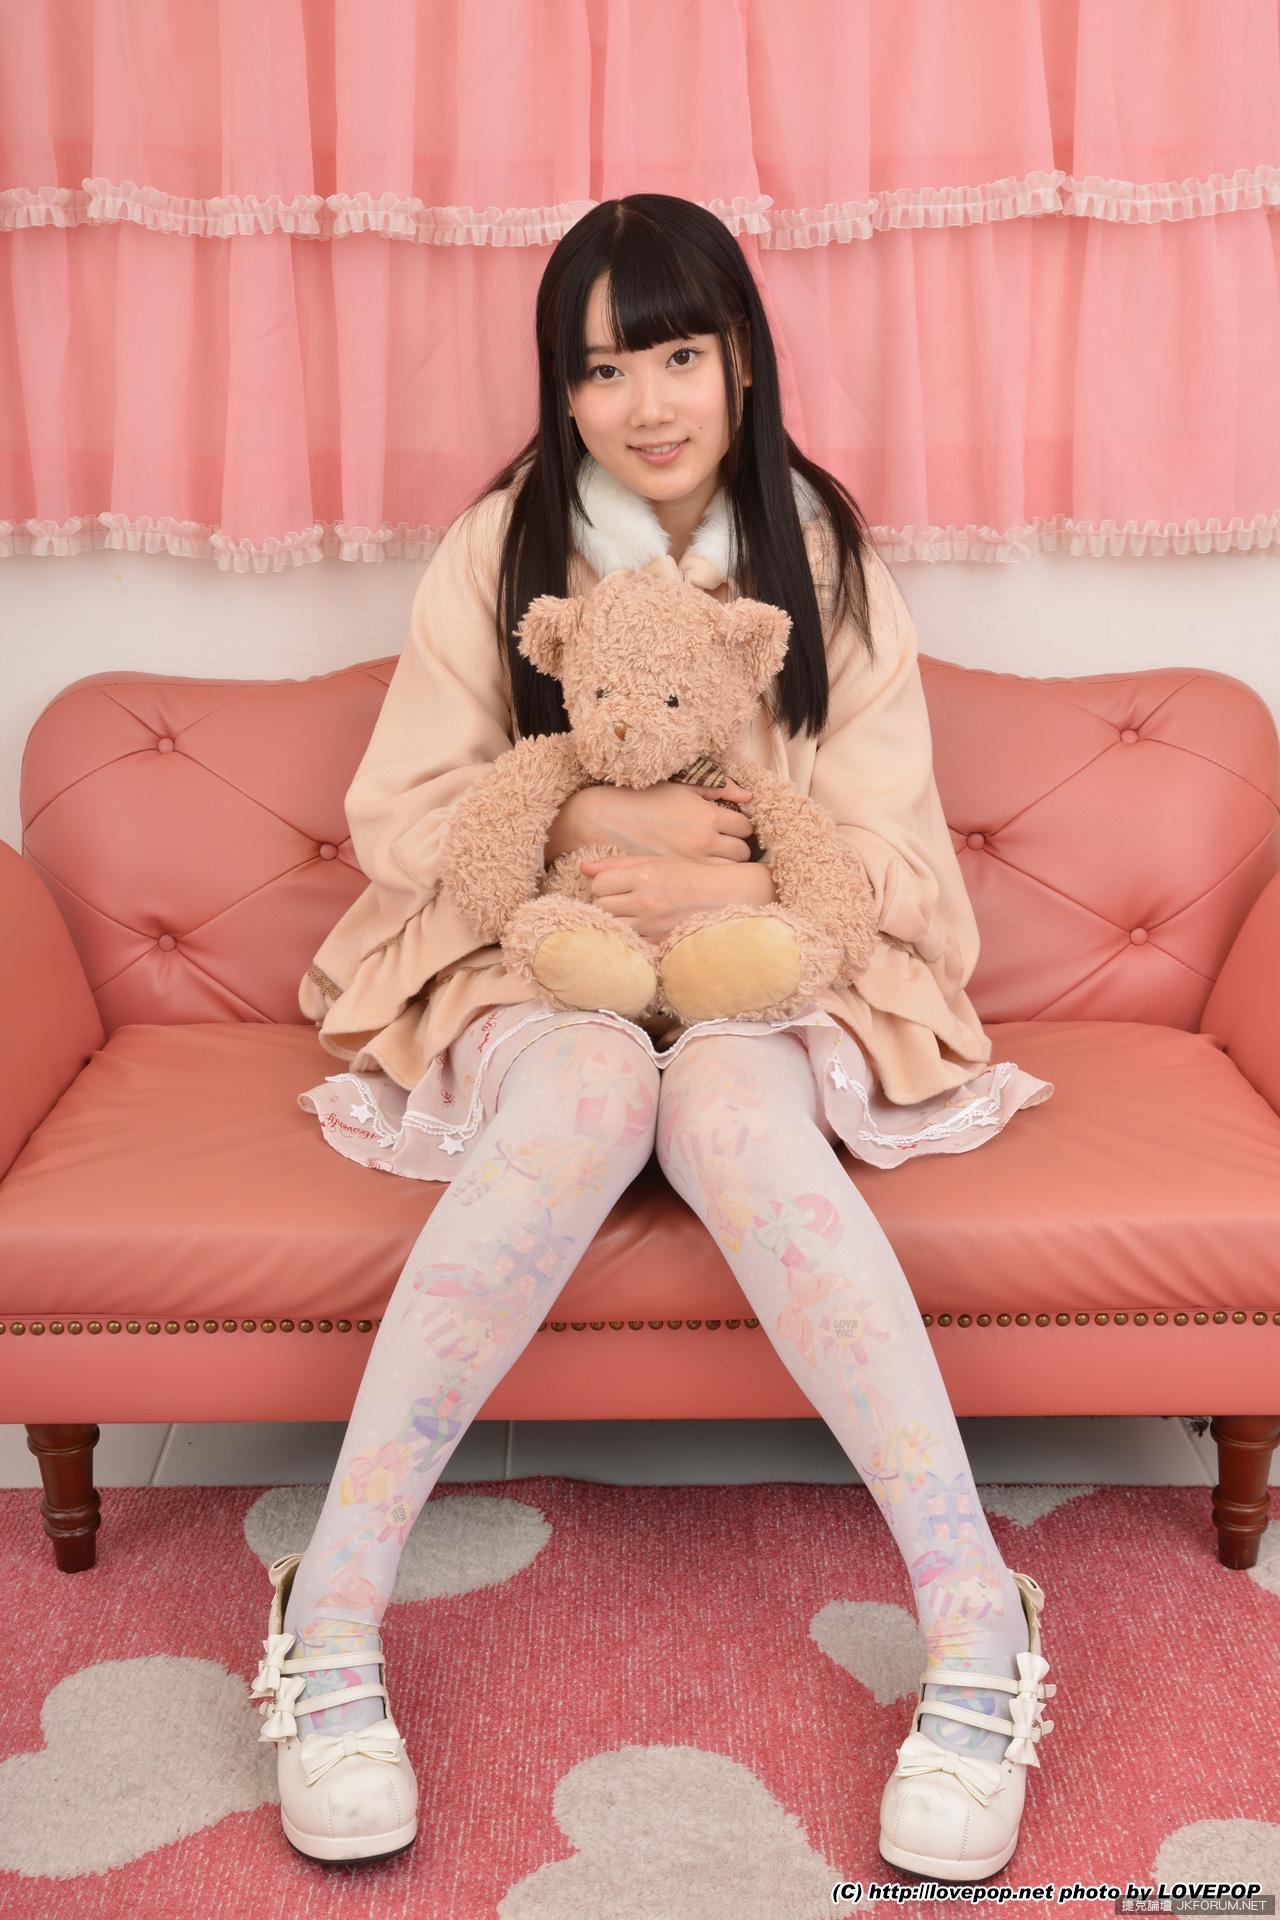 [LOVEPOP] Aya Miyazaki 宮崎あや SET 02 - 貼圖 - 絲襪美腿 -